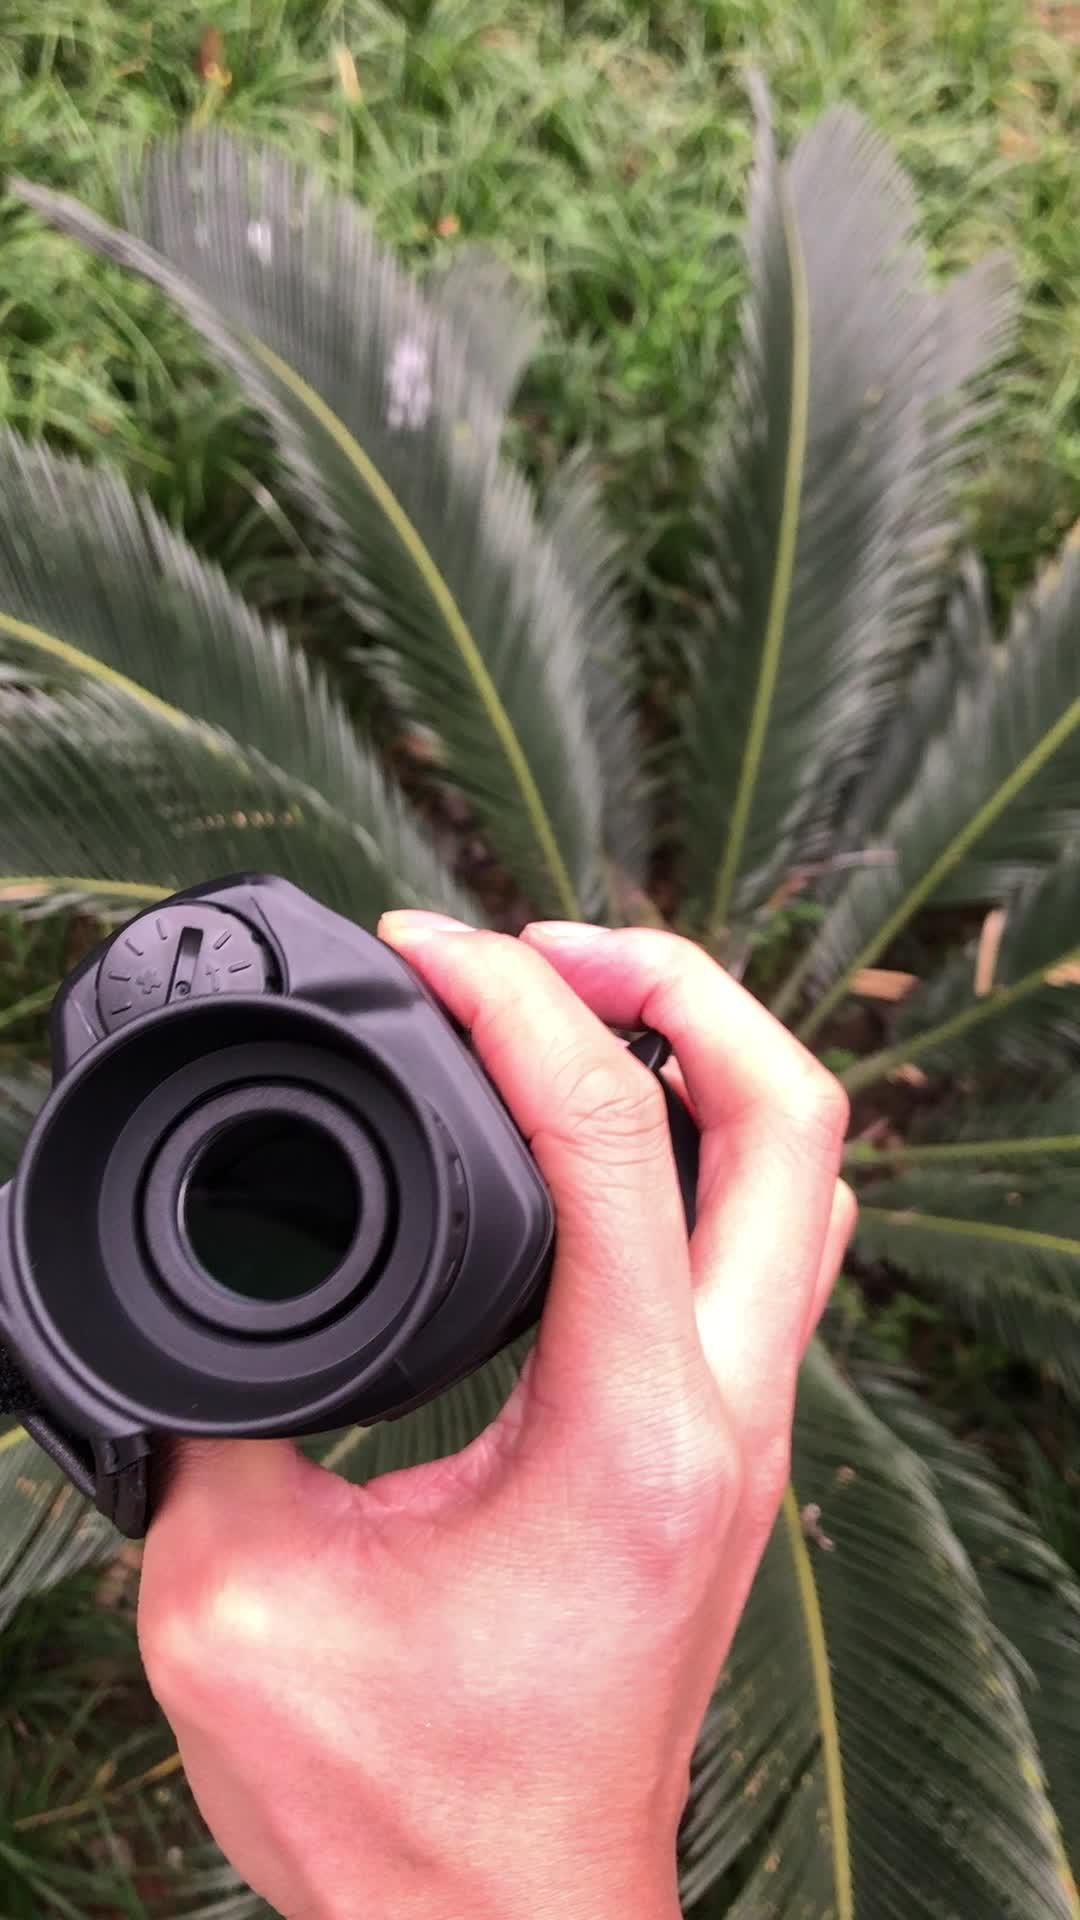 Gece Görüş Monoküler 5X40 Gece Görüş Kızılötesi IR Kamera HD Dijital Görüş Kapsamı Kayıt Görüntü ve Video Oynatma fonksiyonu